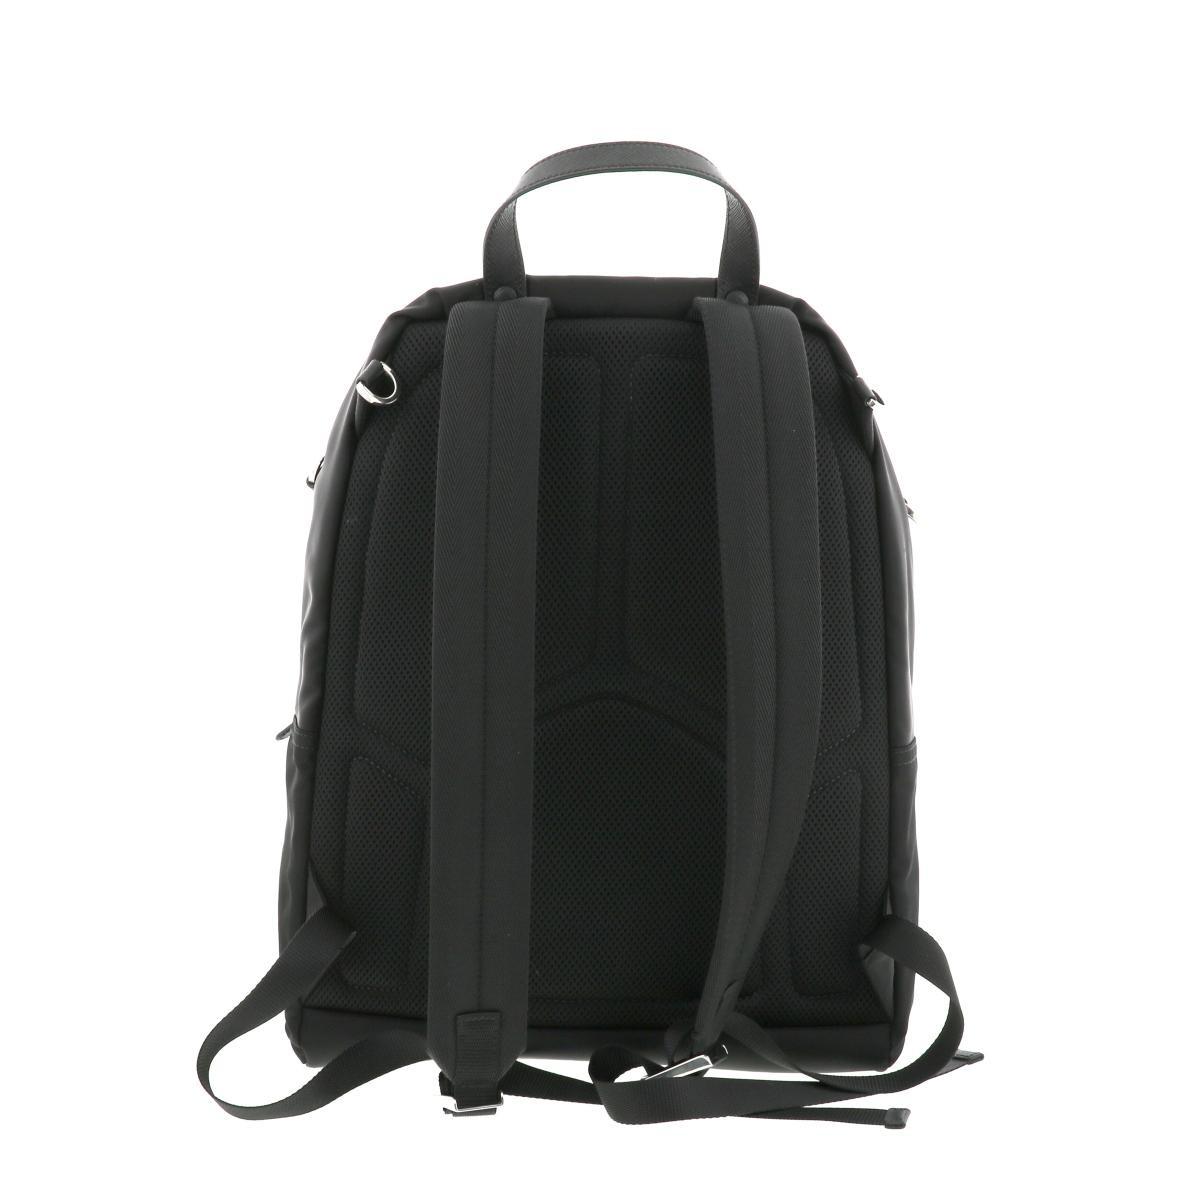 【中古】 プラダ ナイロン リュックサック ブラック PRADA Nylon Backpack Black